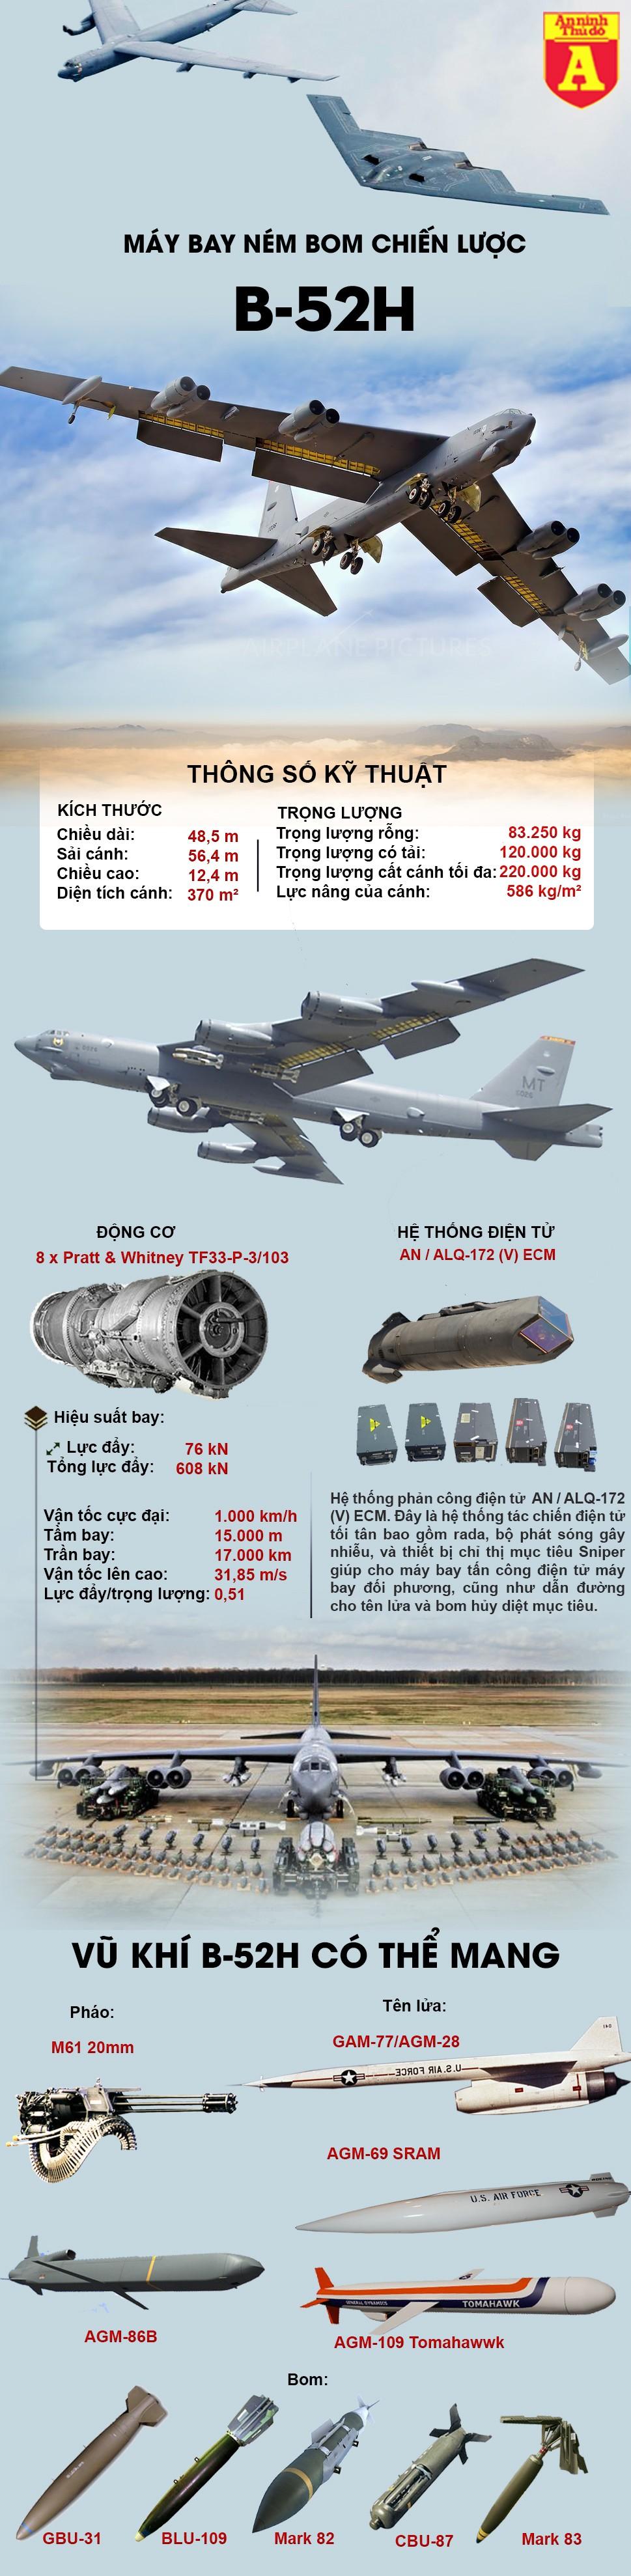 """[ĐỒ HỌA] Mỹ quyết định """"lột xác"""" sức mạnh cho pháo đài bay B-52 để lấn át Tu-95 Nga ảnh 2"""